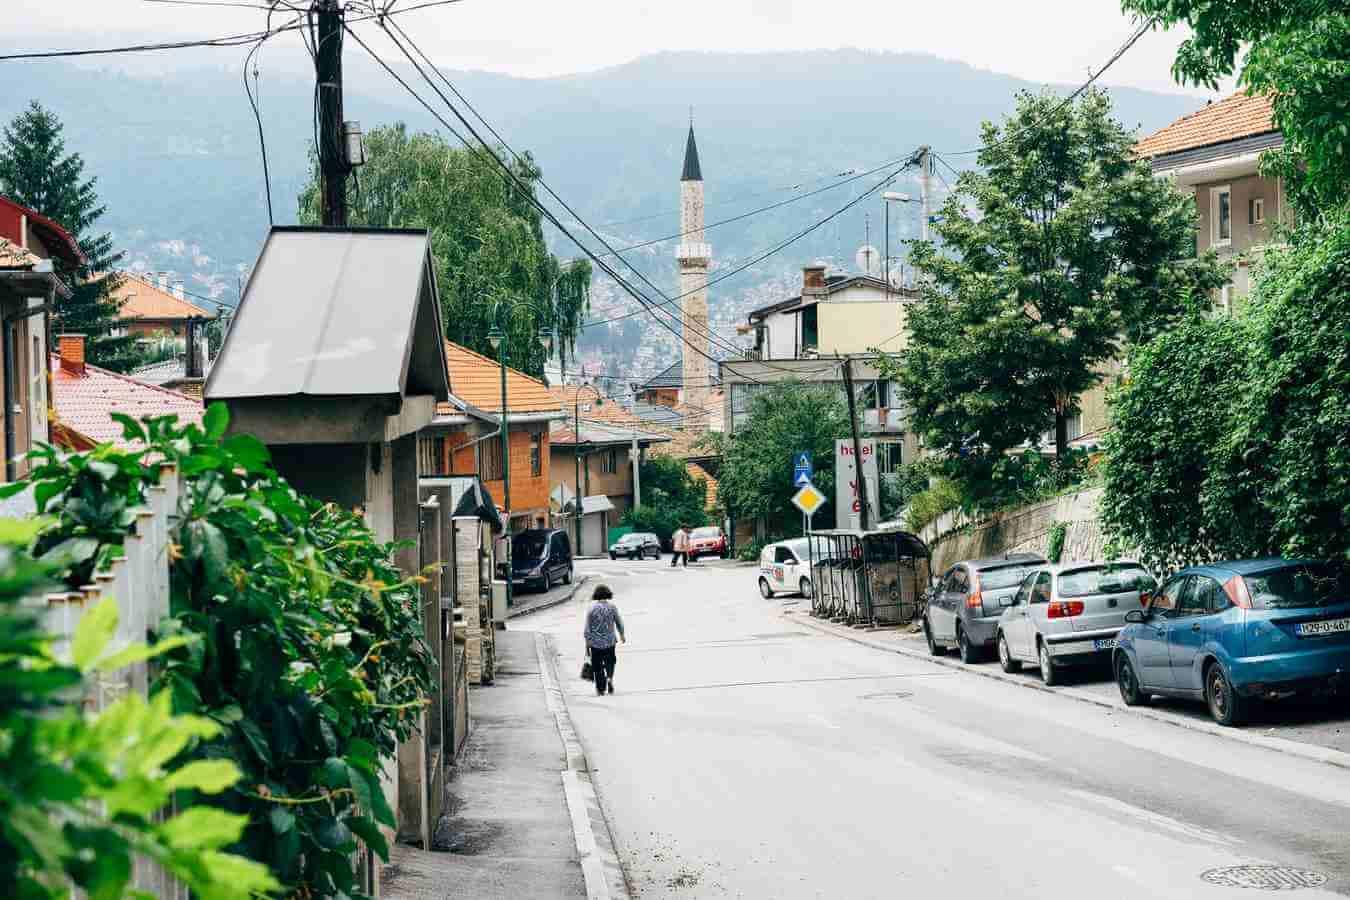 Umirovljenici iz susjedne zemlje ostaju bez usklađivanja: 400 tisuća mirovina neće biti uvećano